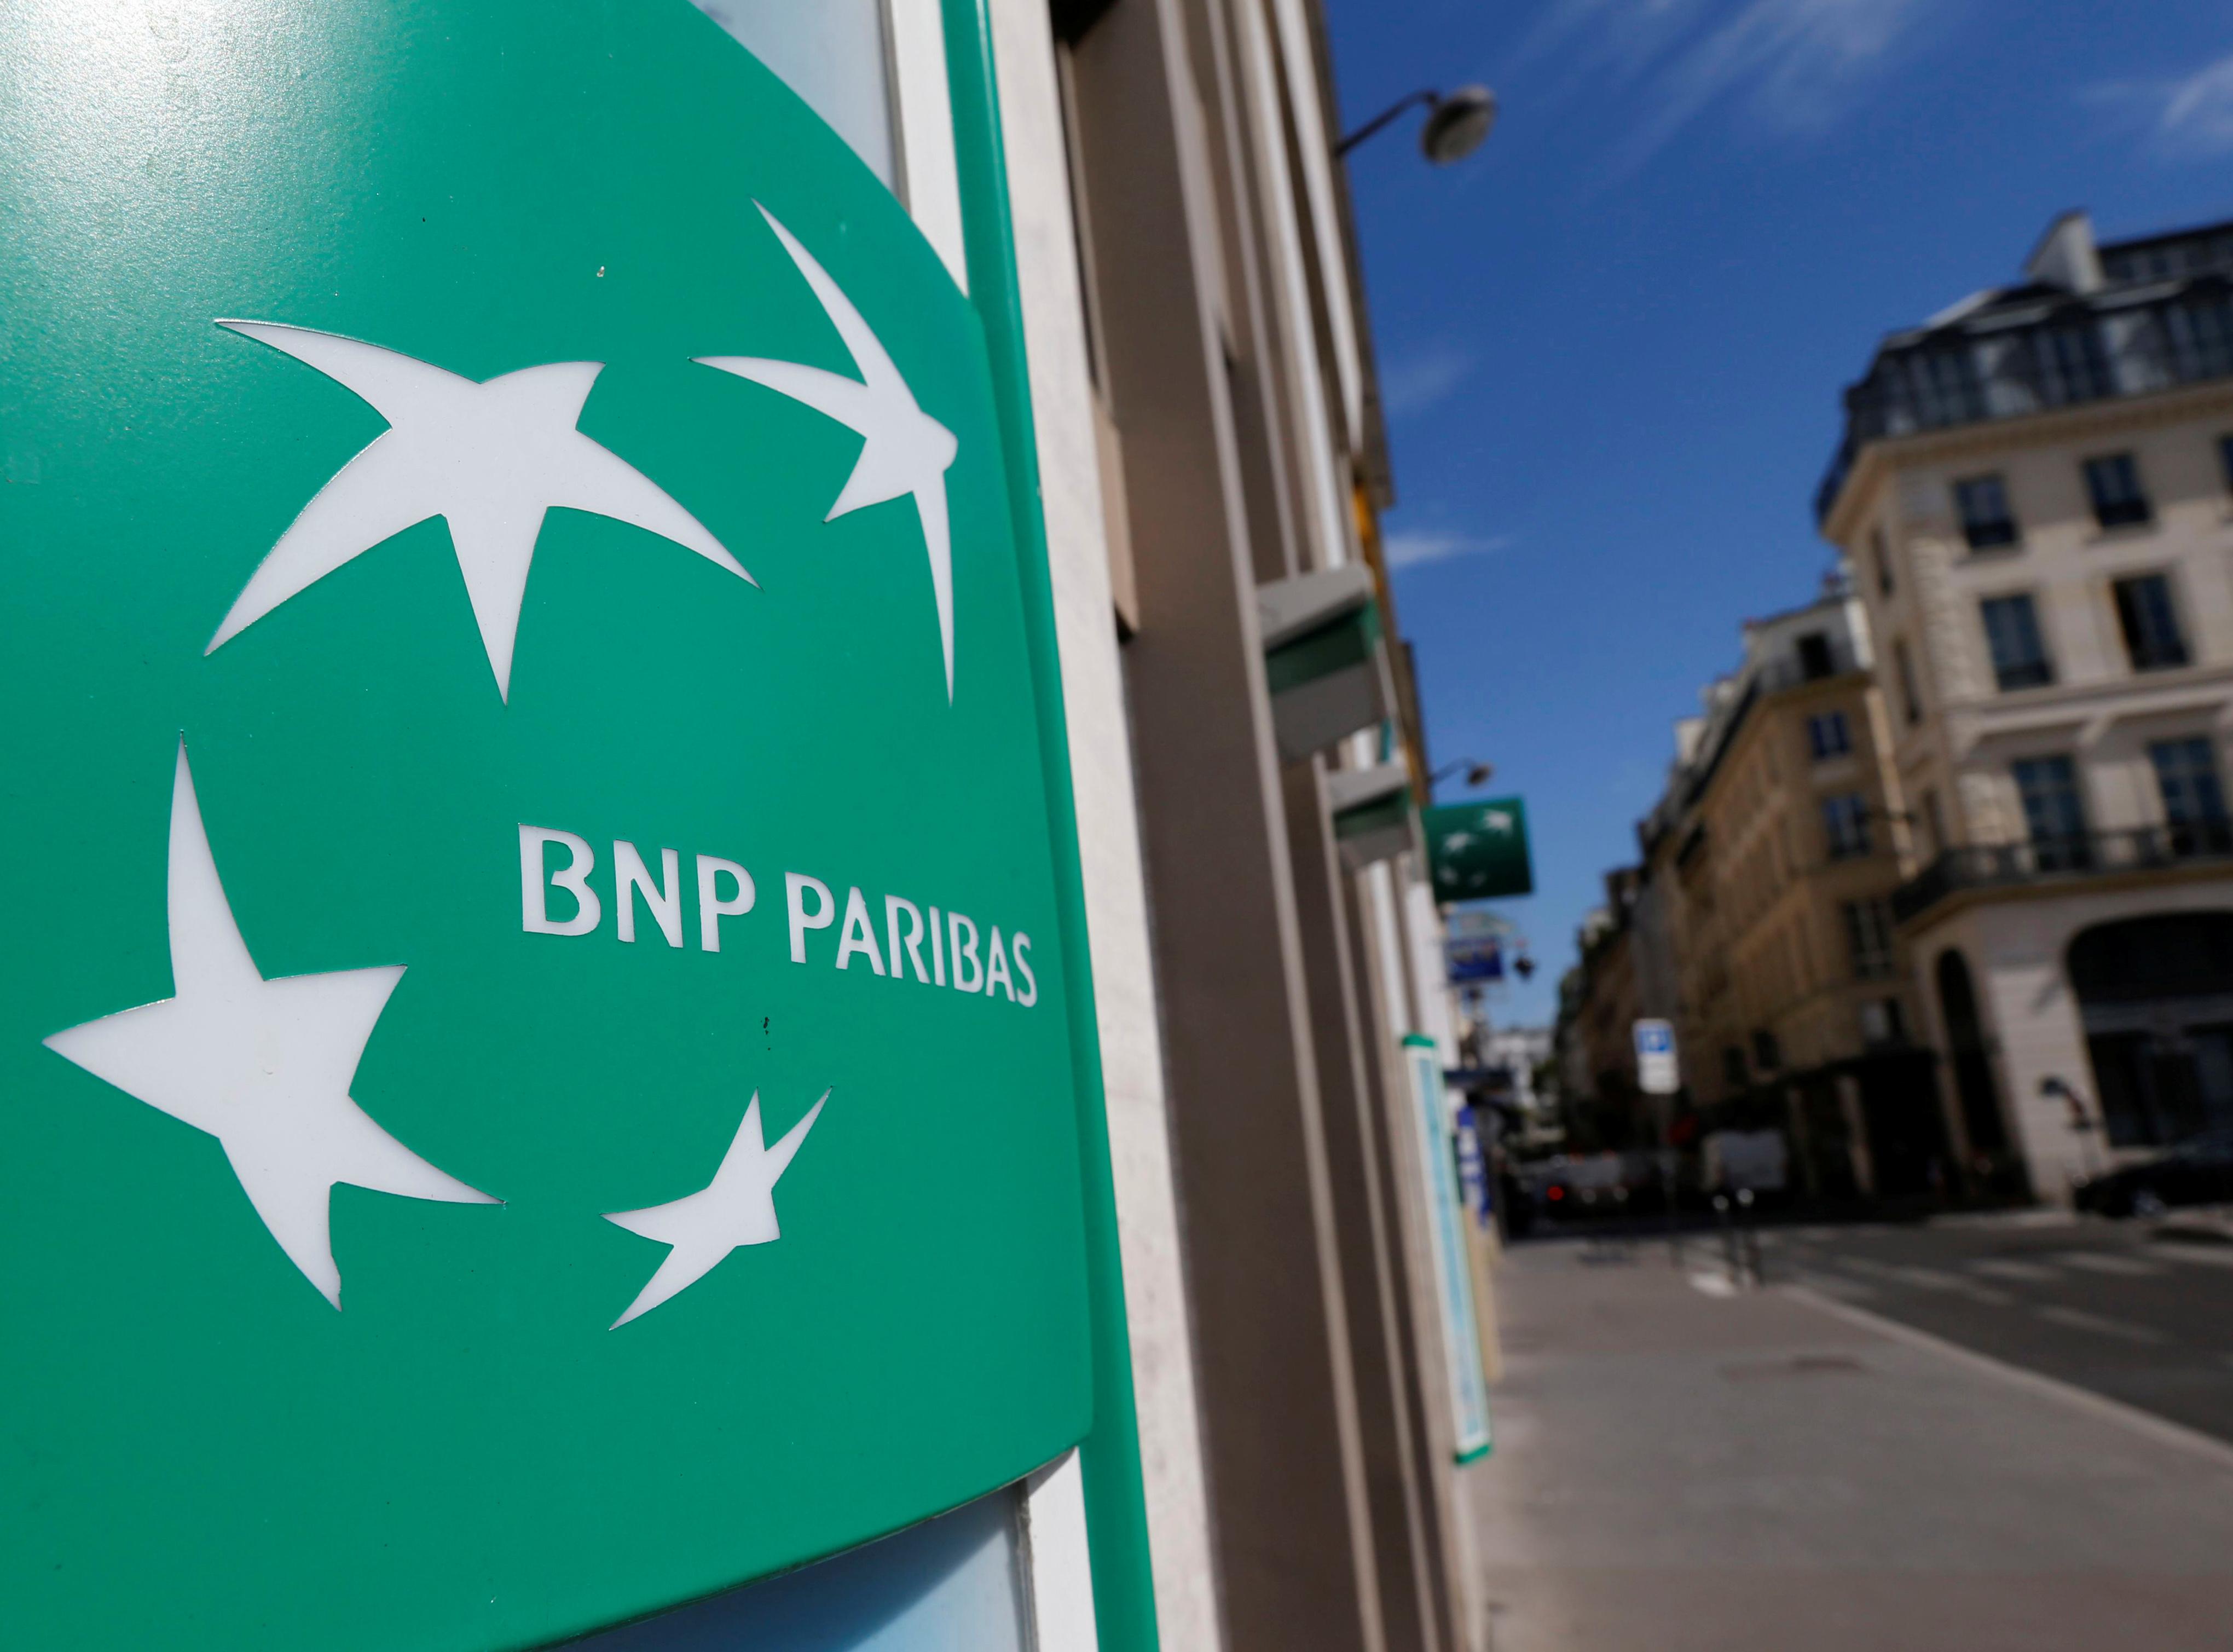 bnp-paribas-et-dws-ne-s-allieront-pas-dans-les-metiers-de-titres